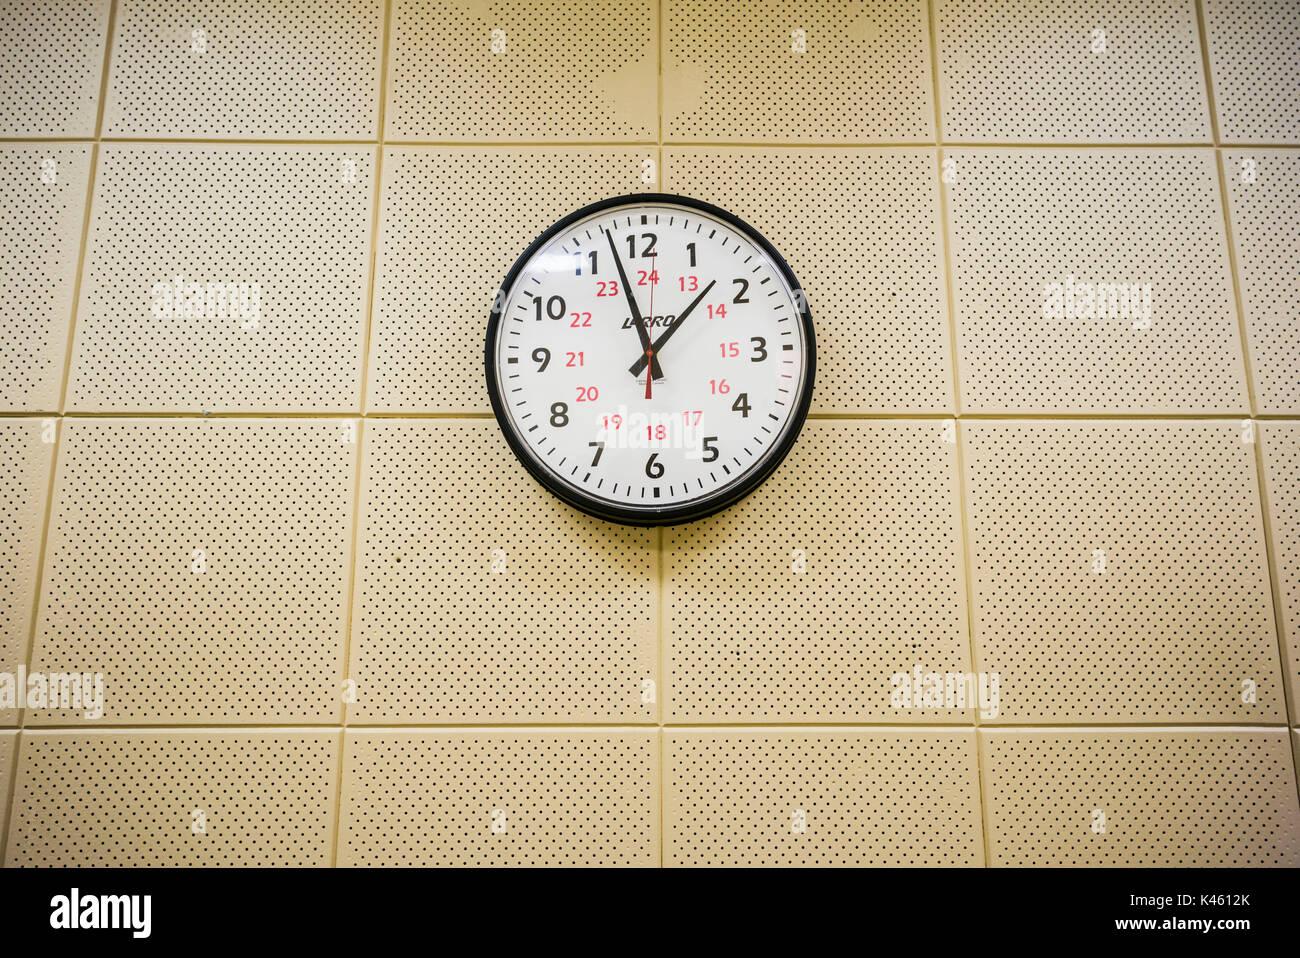 Canadá, Ontario, carpa, el diefenbunker, Museo canadiense de la guerra fría en el bunker subterráneo, reloj de pared Imagen De Stock